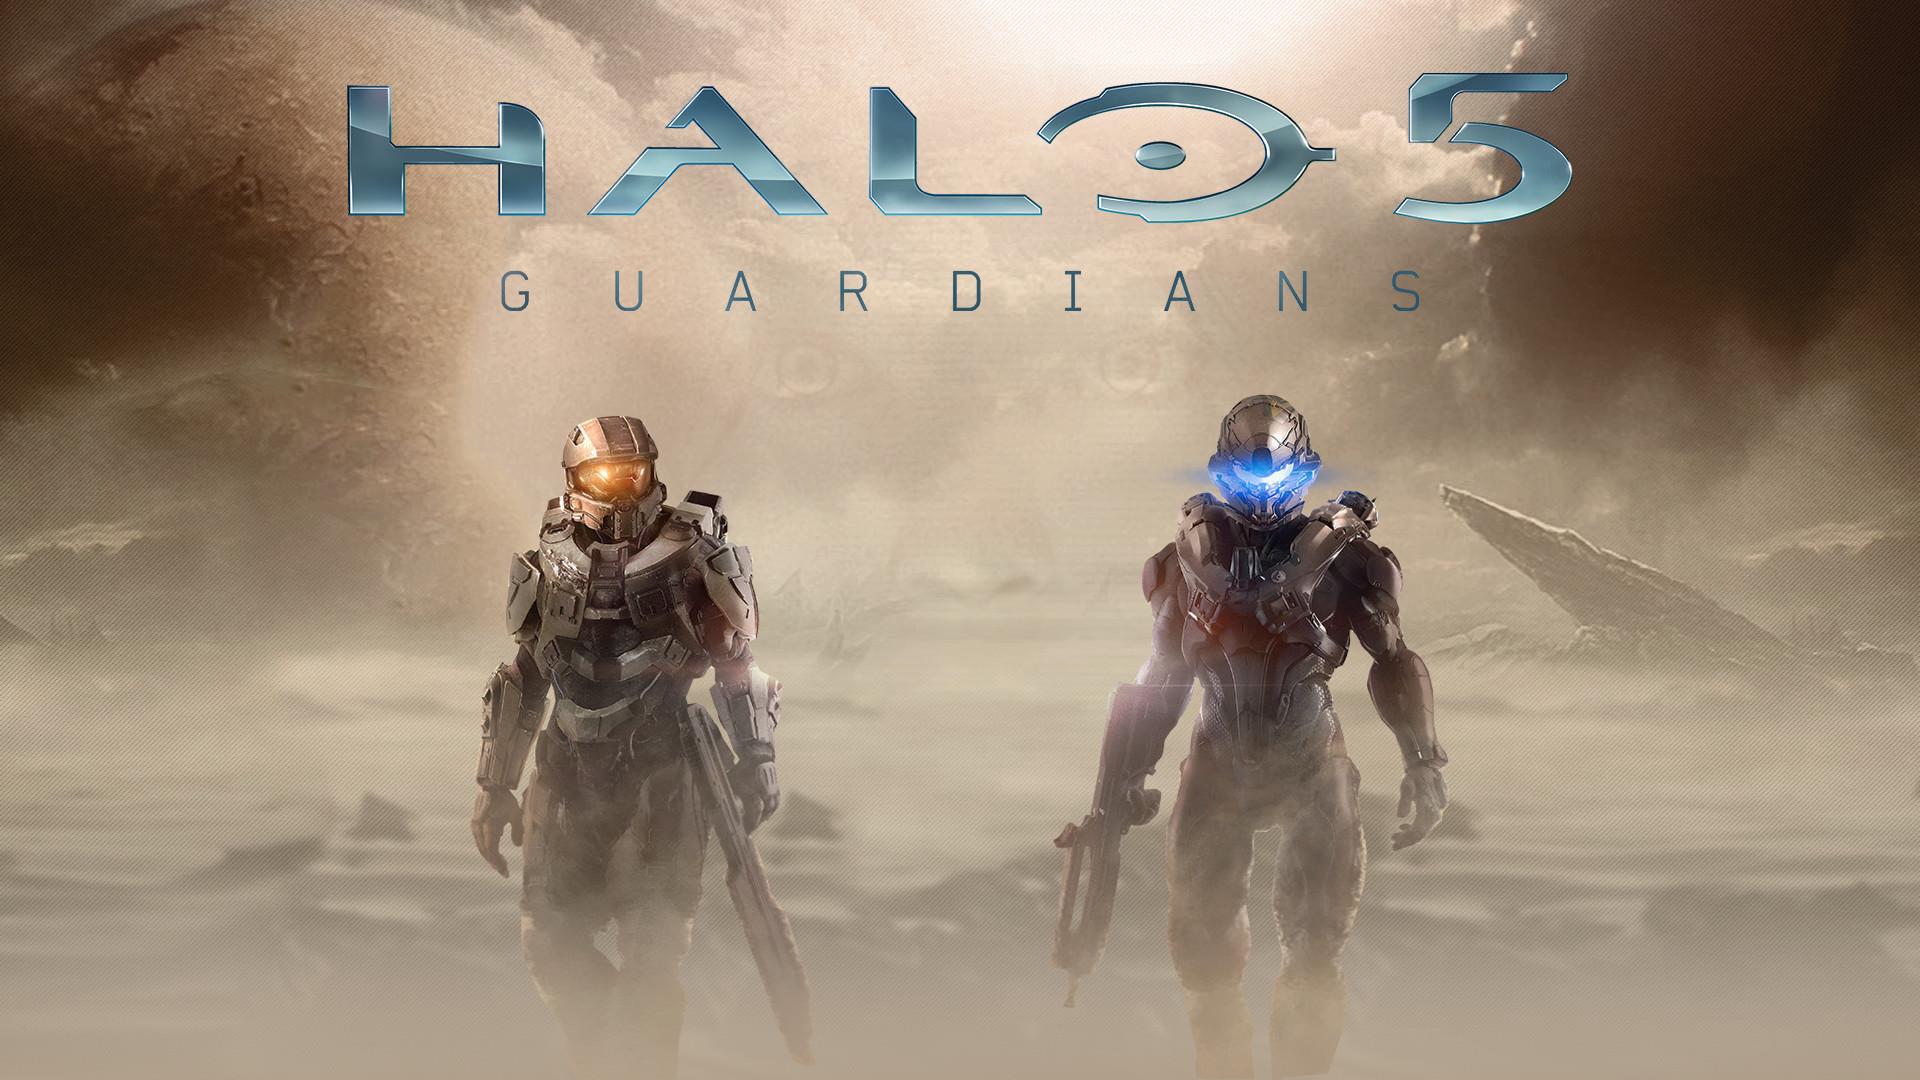 … halo 5 guardians wallpaper 1080p wallpapersafari …